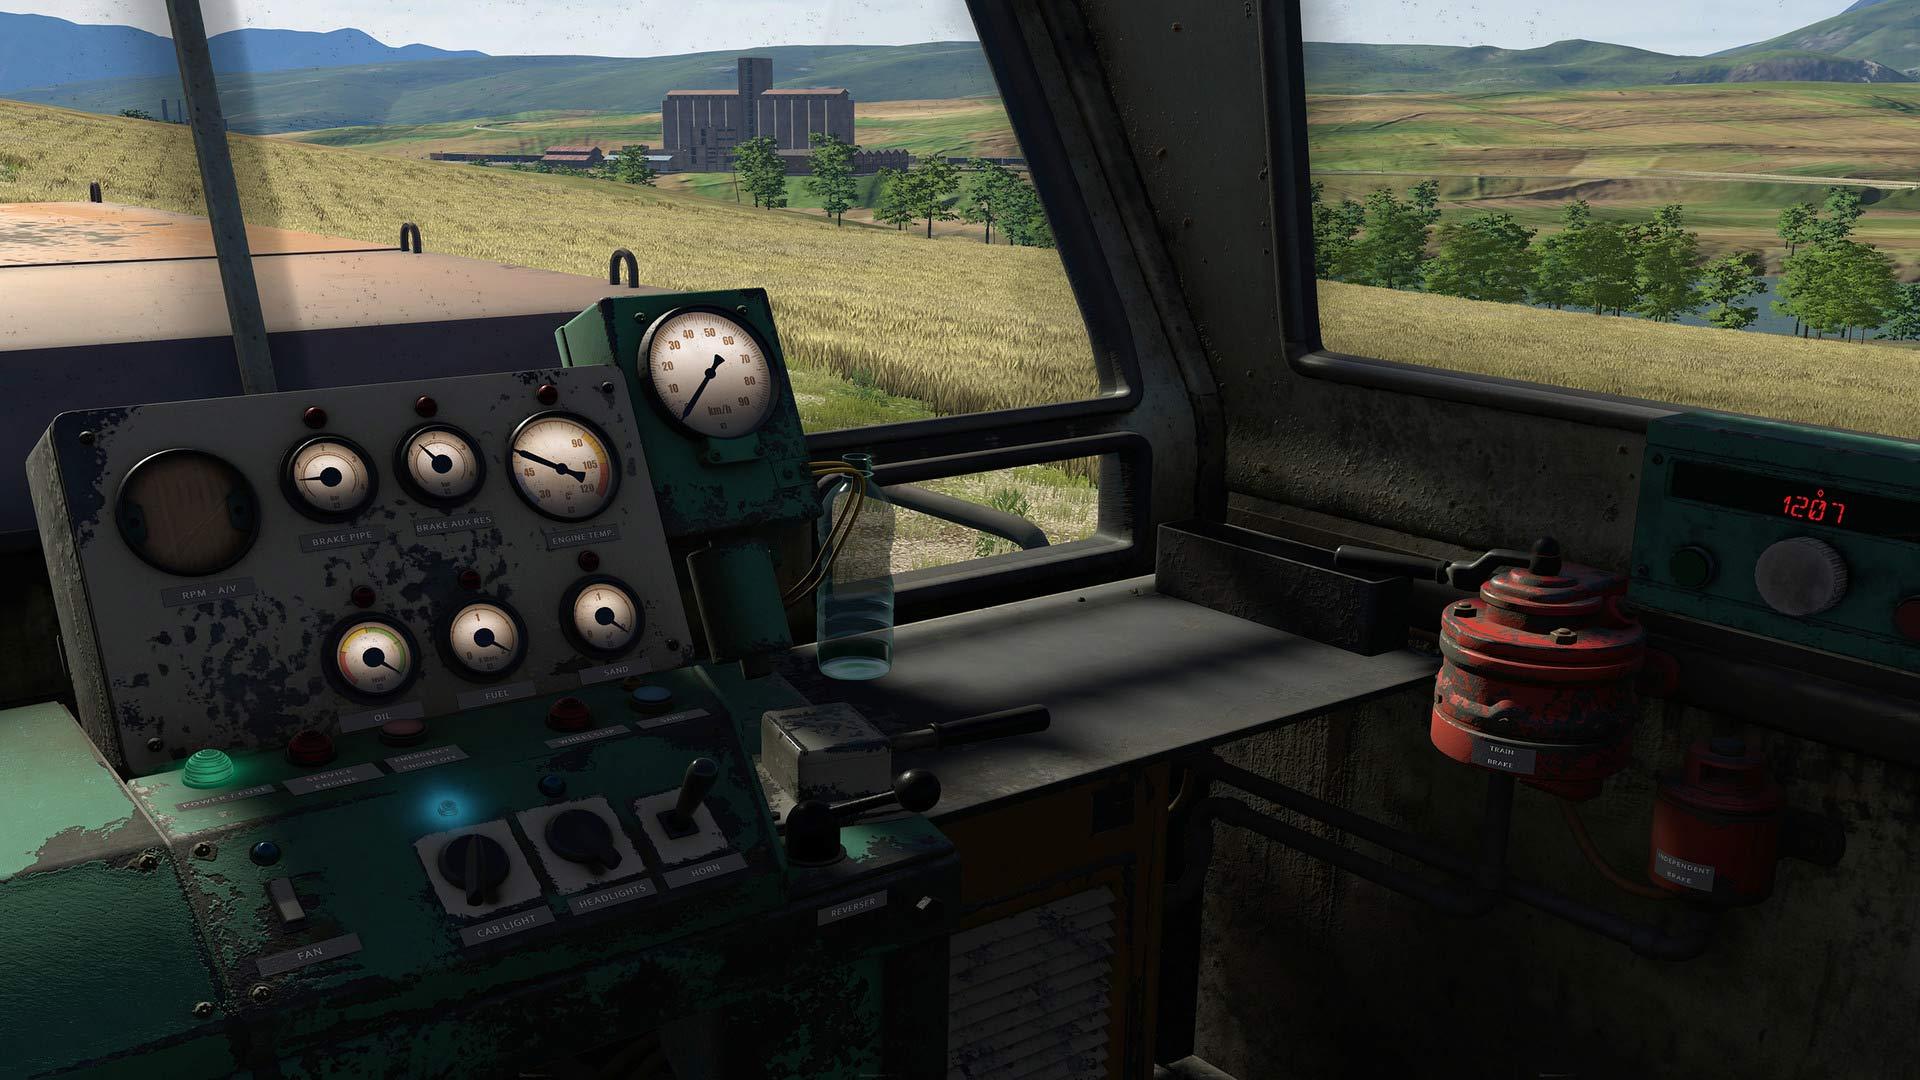 ismulator lokomotif kereta